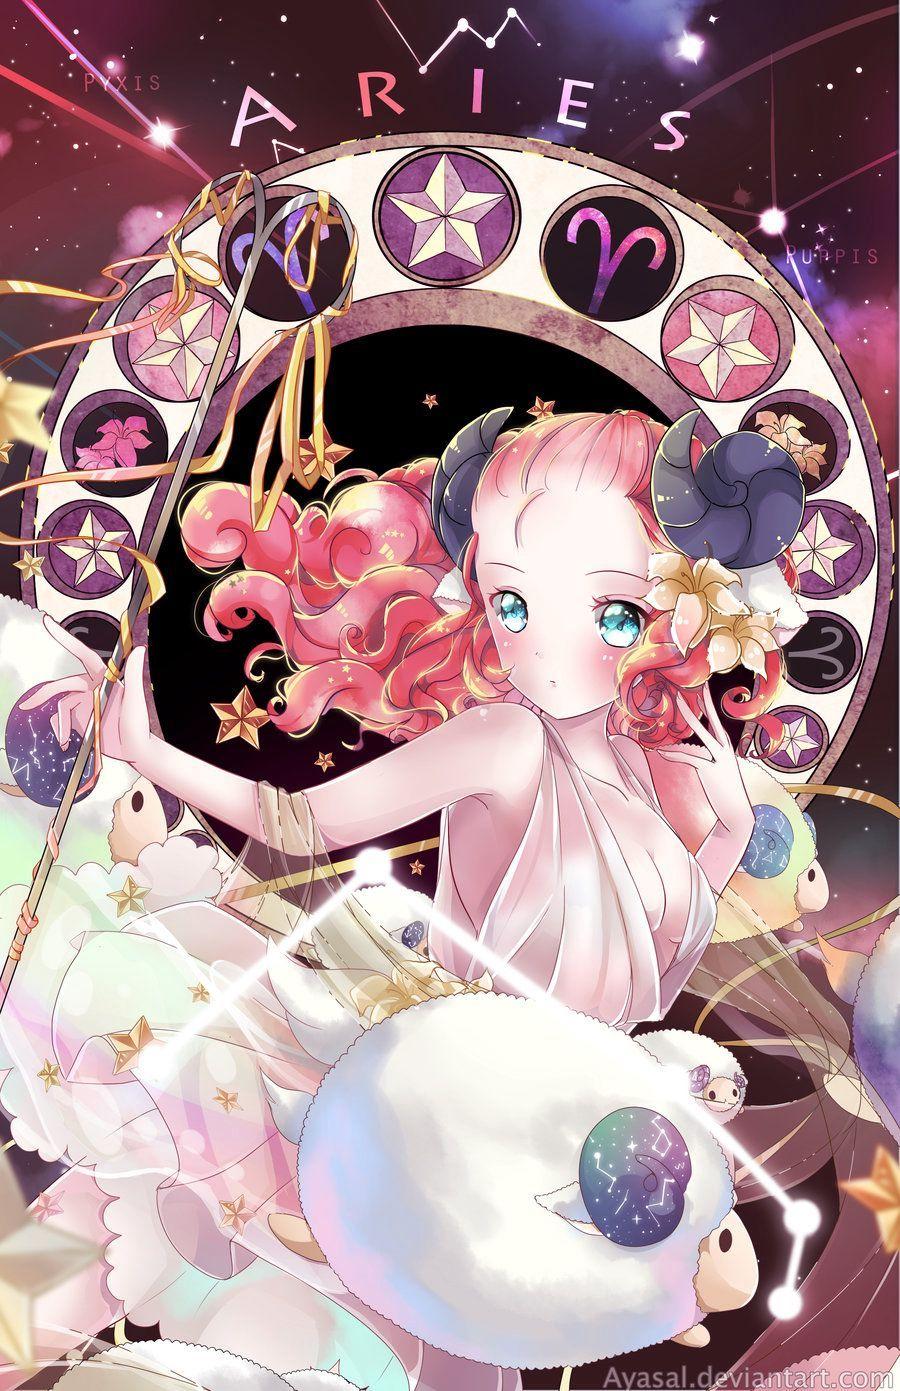 Đọc Truyện Anime Girl Pics- Kho ảnh anime - Anime 12 cung hoàng đạo -  Alicia189 - Wattpad - Wattpad